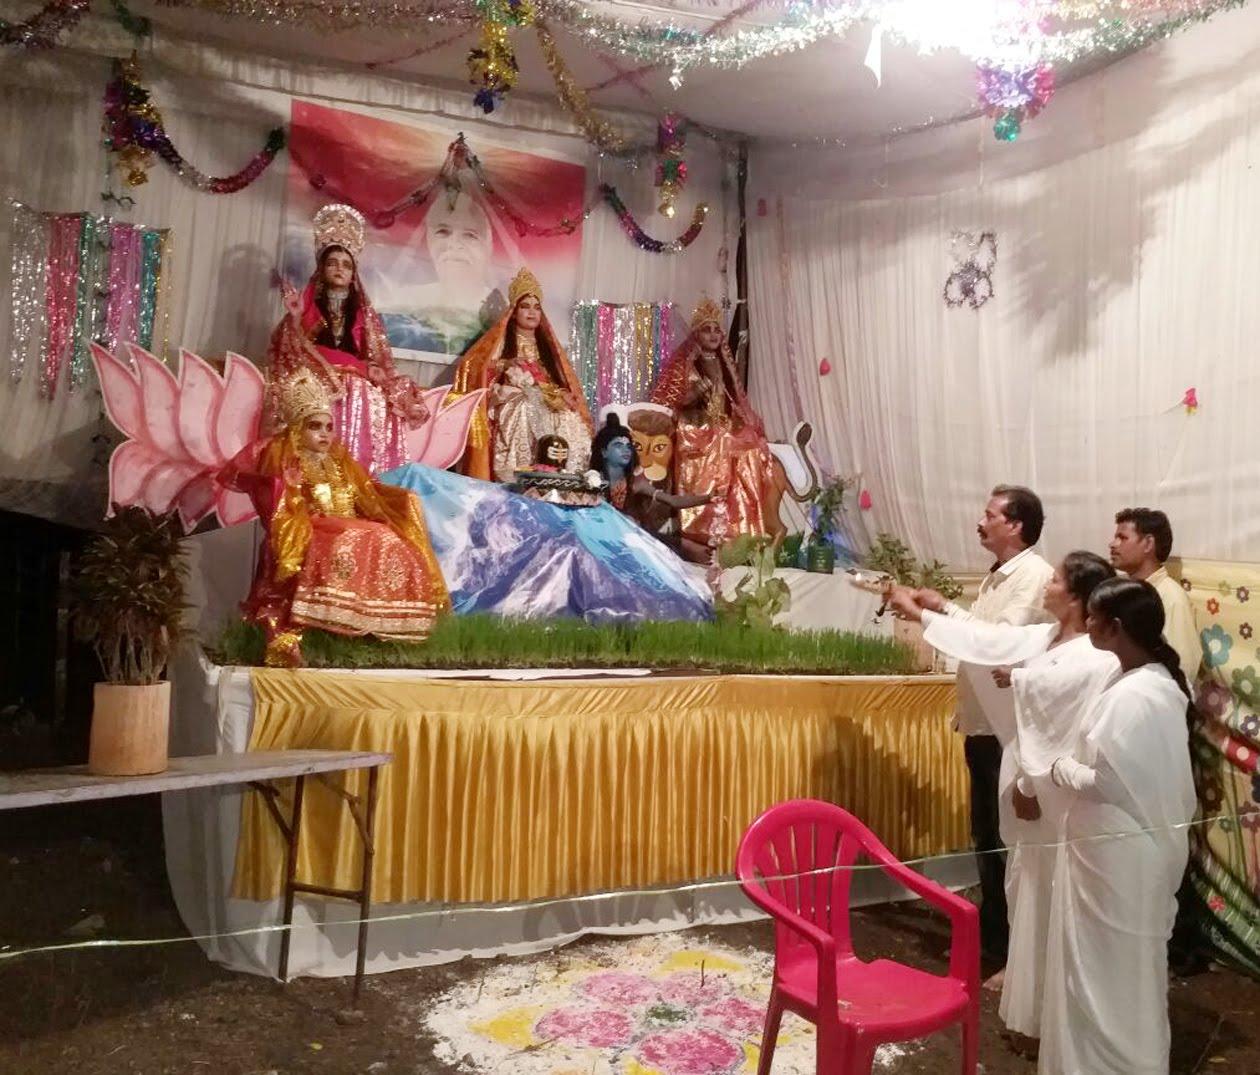 अंतिम दिन नवमी पर चैतन्य देवियों की सजी सुन्दर झांकी -Beautiful-jhanki-decorated-with-chaitanya-ladies-on-the-last-day